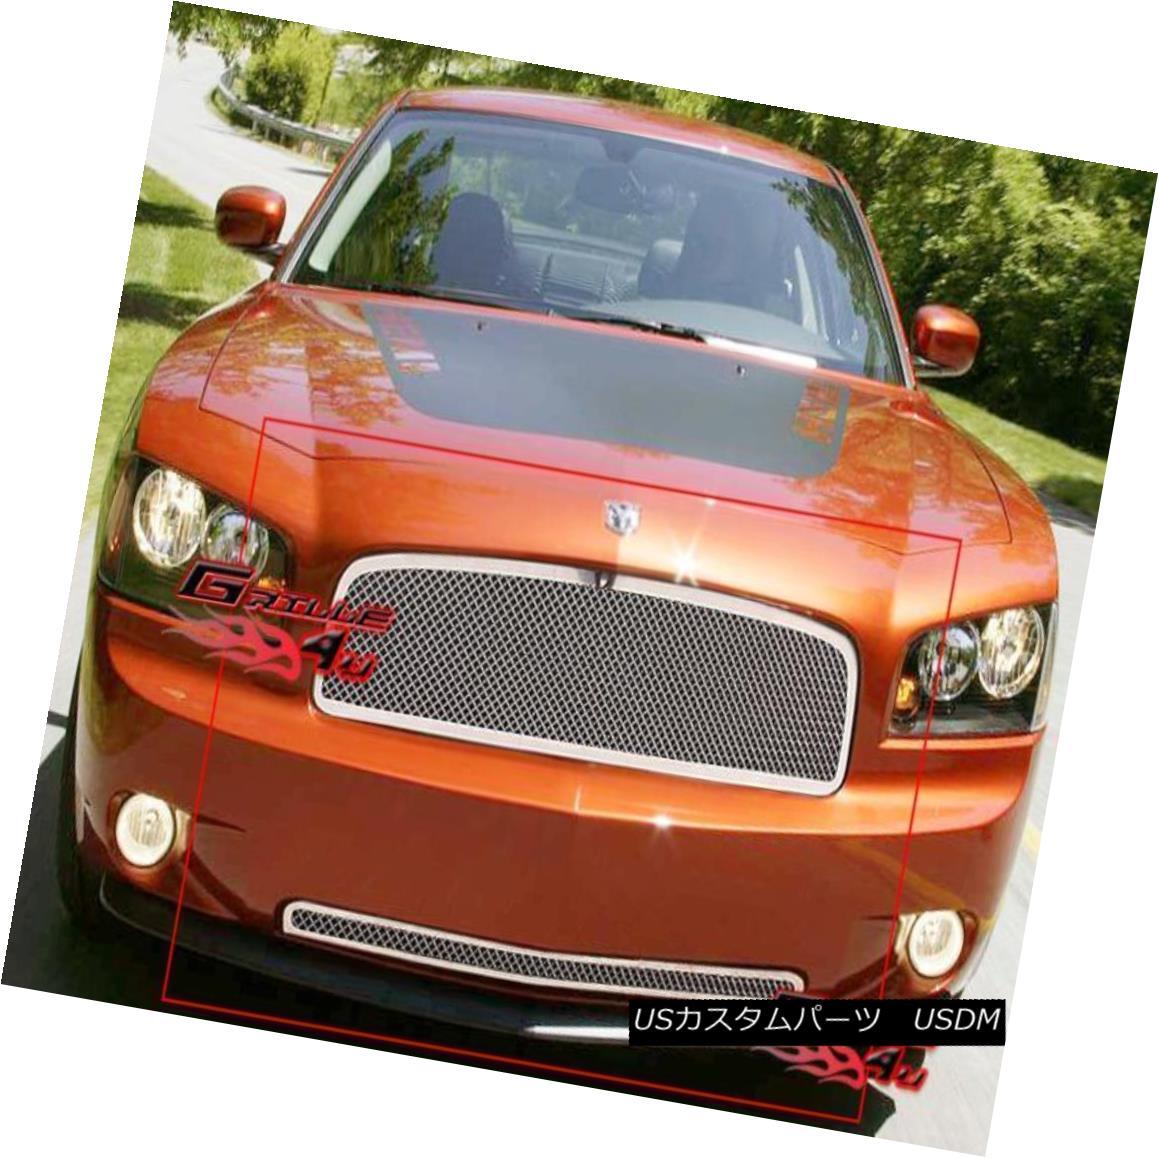 グリル Fits 2005-2010 Dodge Charger Stainless Mesh Grille Combo フィット2005-2010ダッジチャージャーステンレスメッシュグリルコンボ